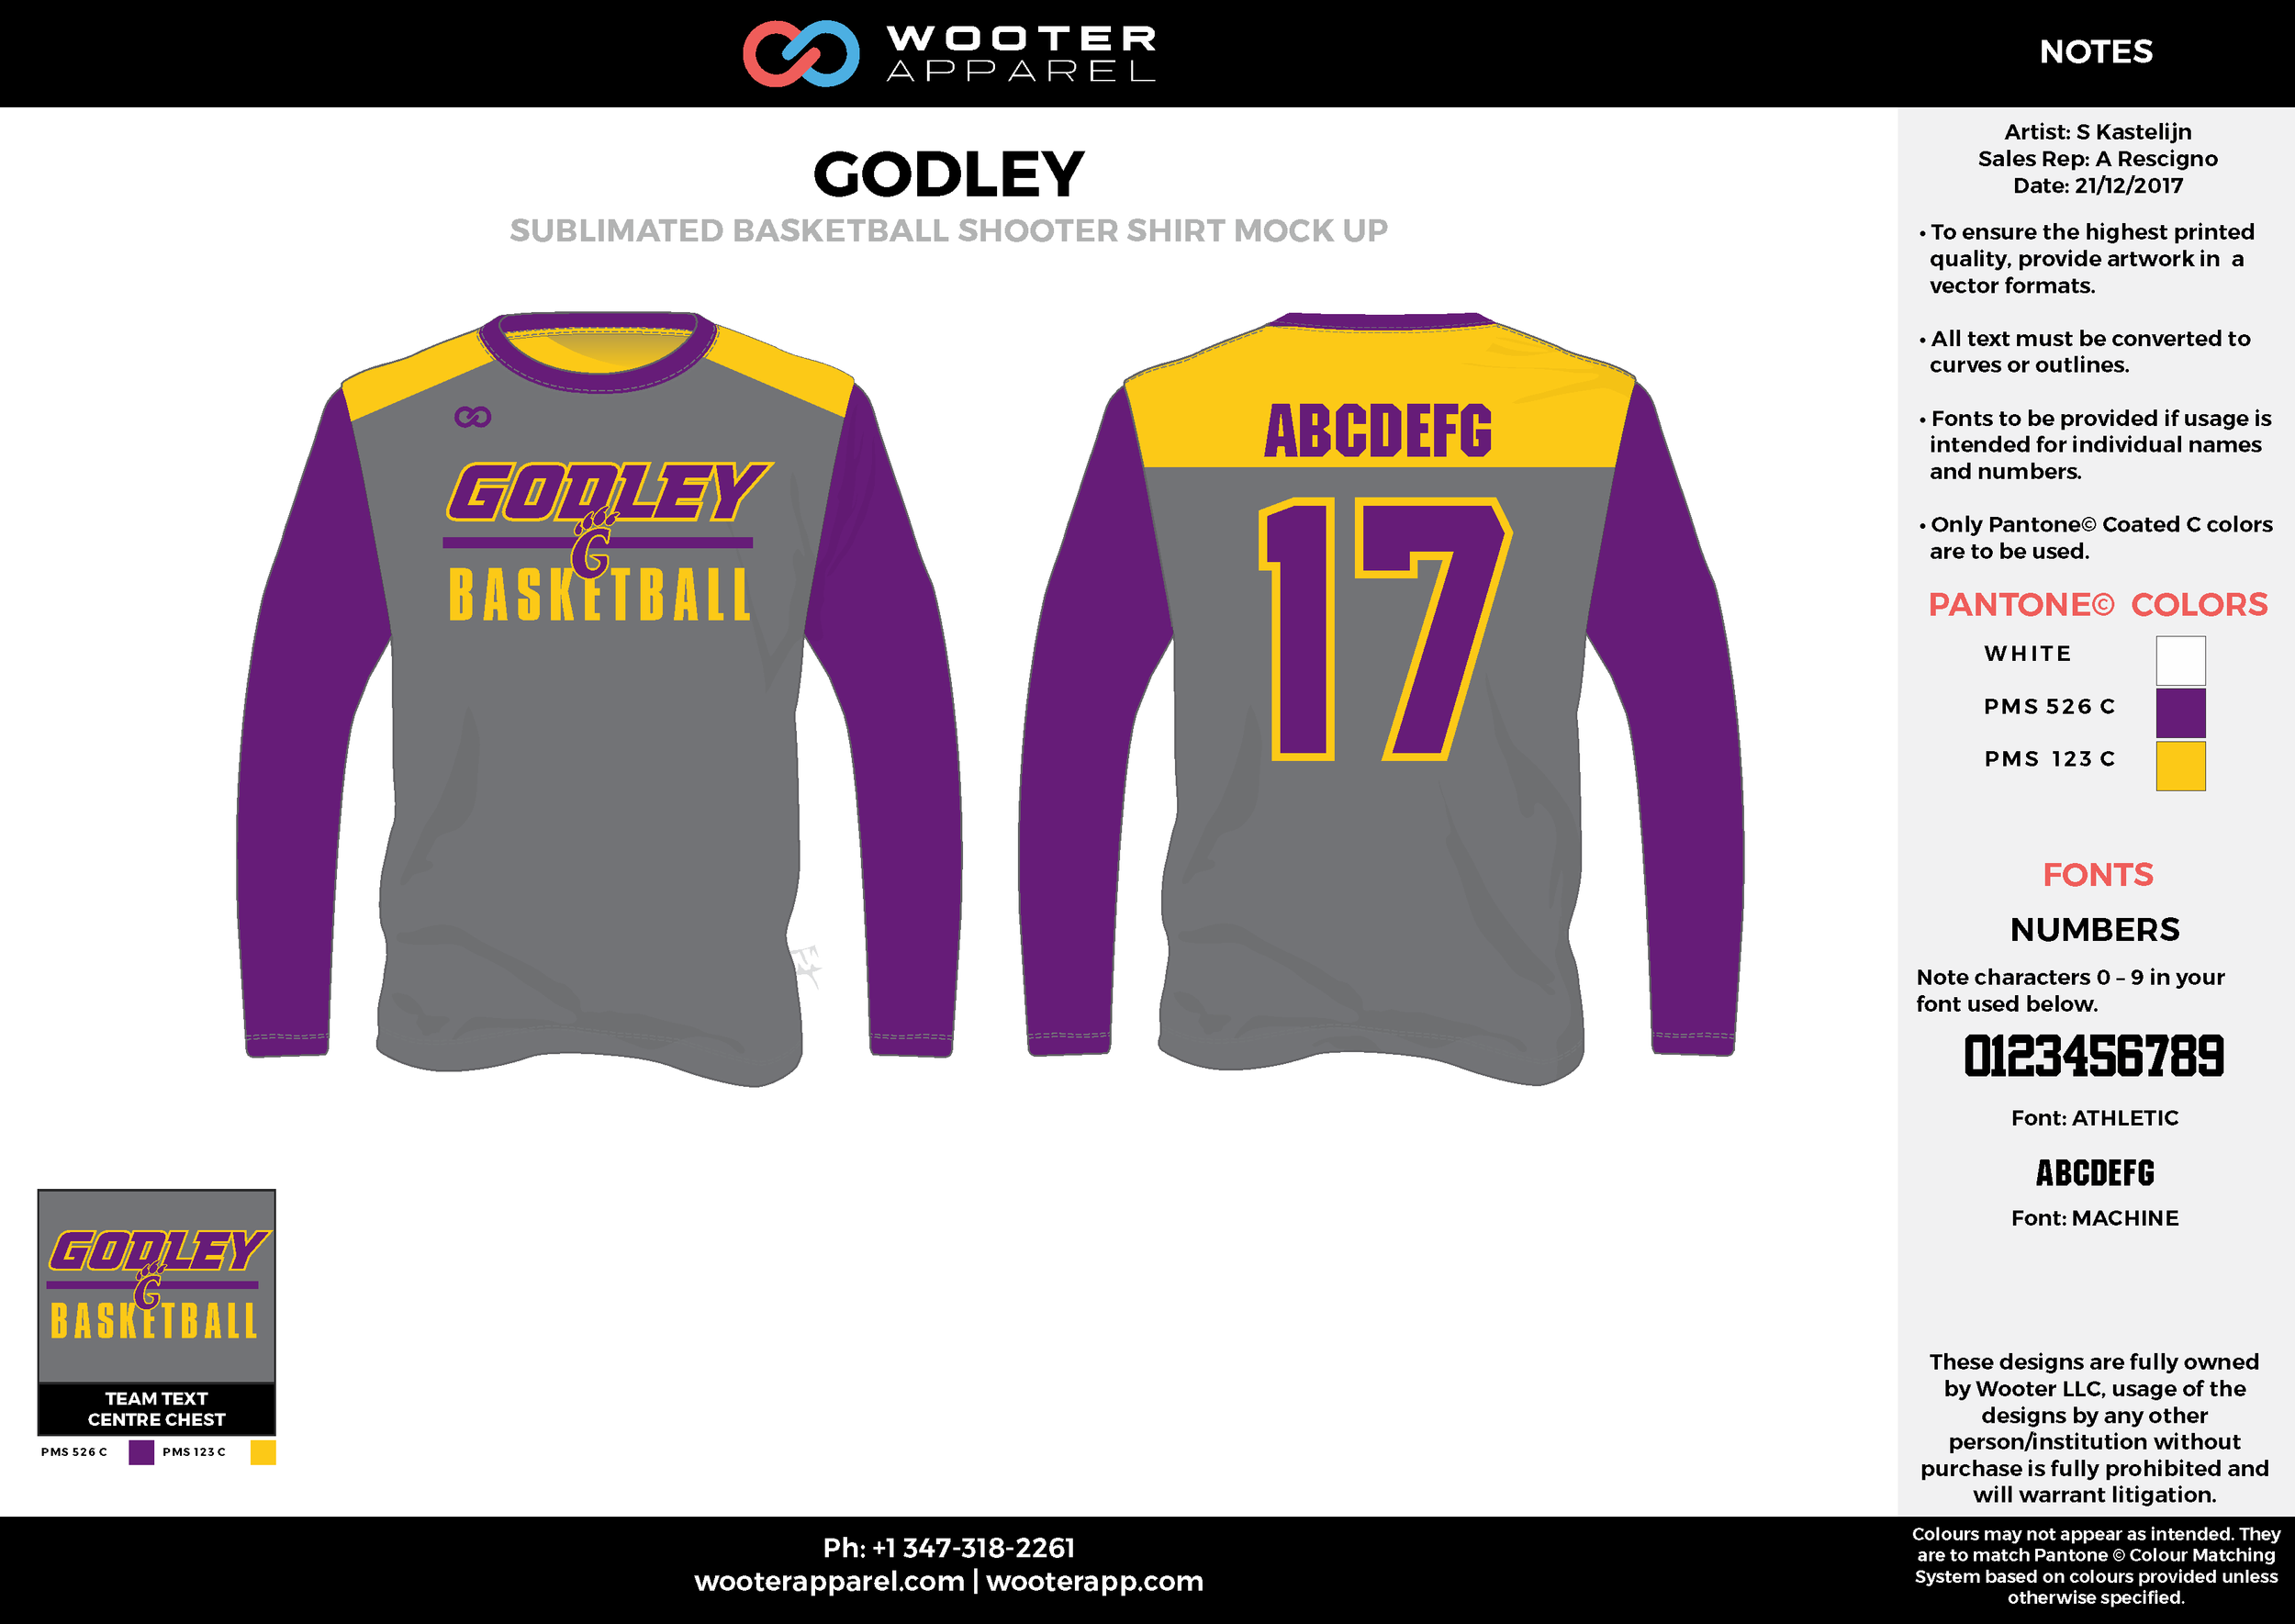 GODLEY gray yellow purple Basketball Long Sleeve Shooting Shirt